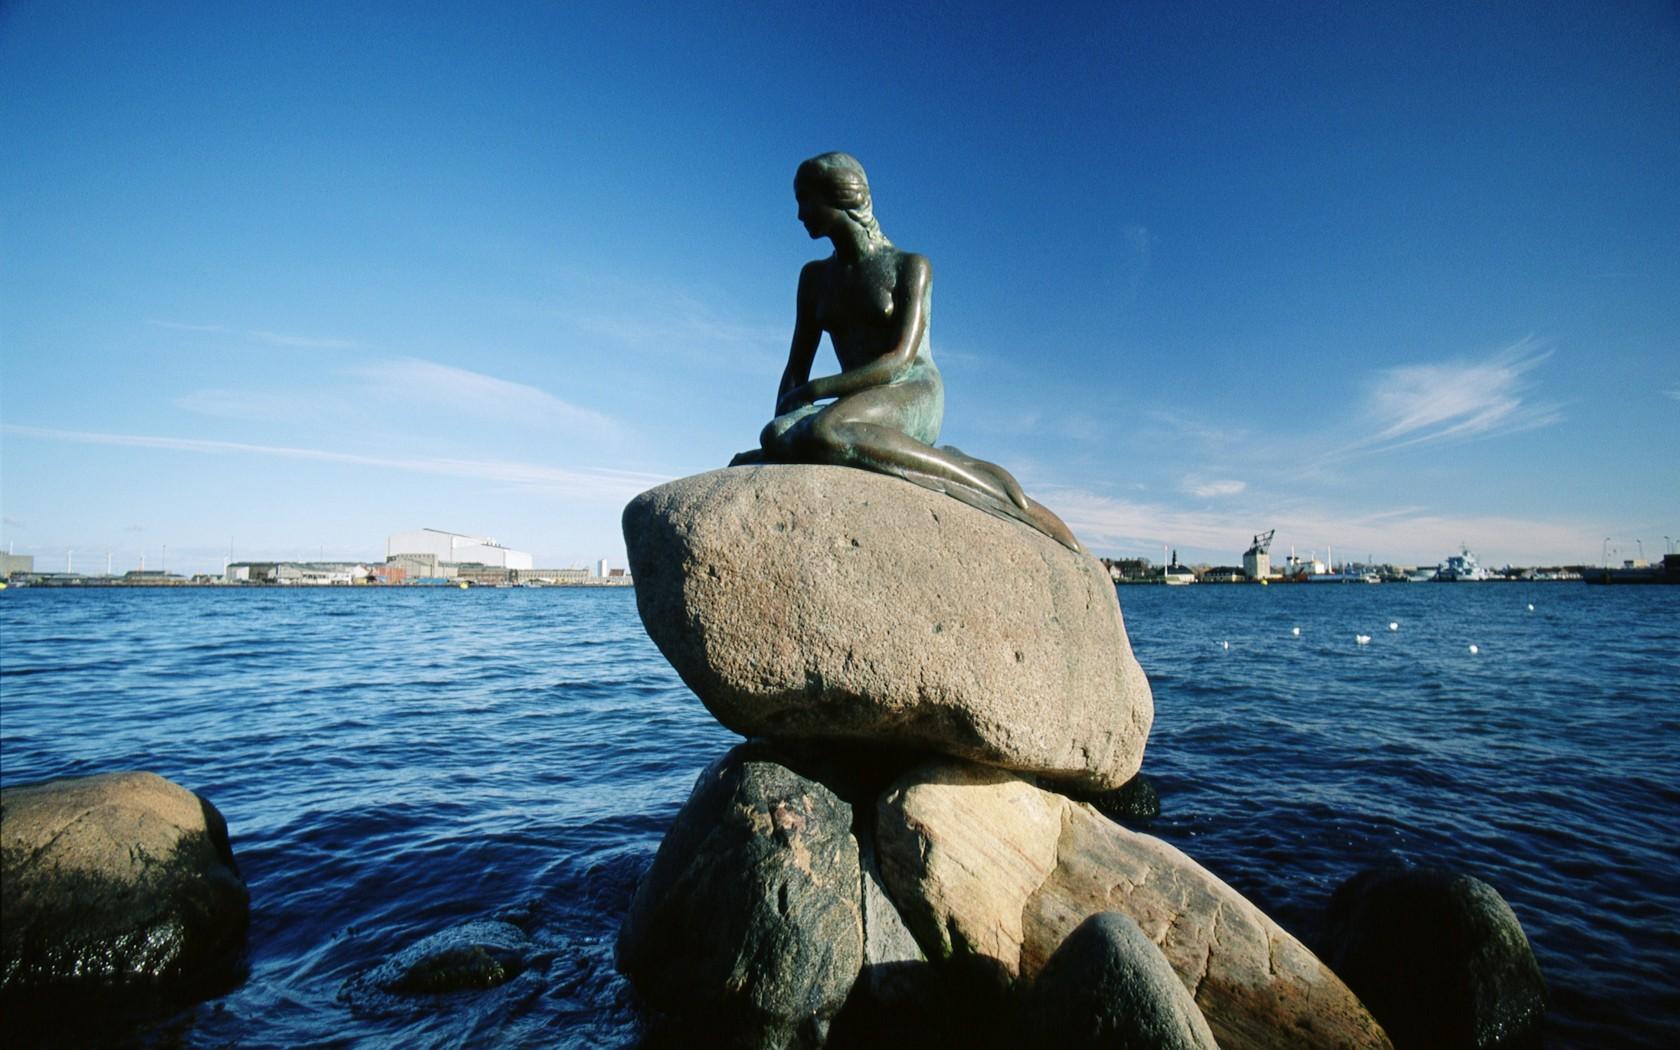 ebikego top 10 attractions in copenhagen the little mermaid